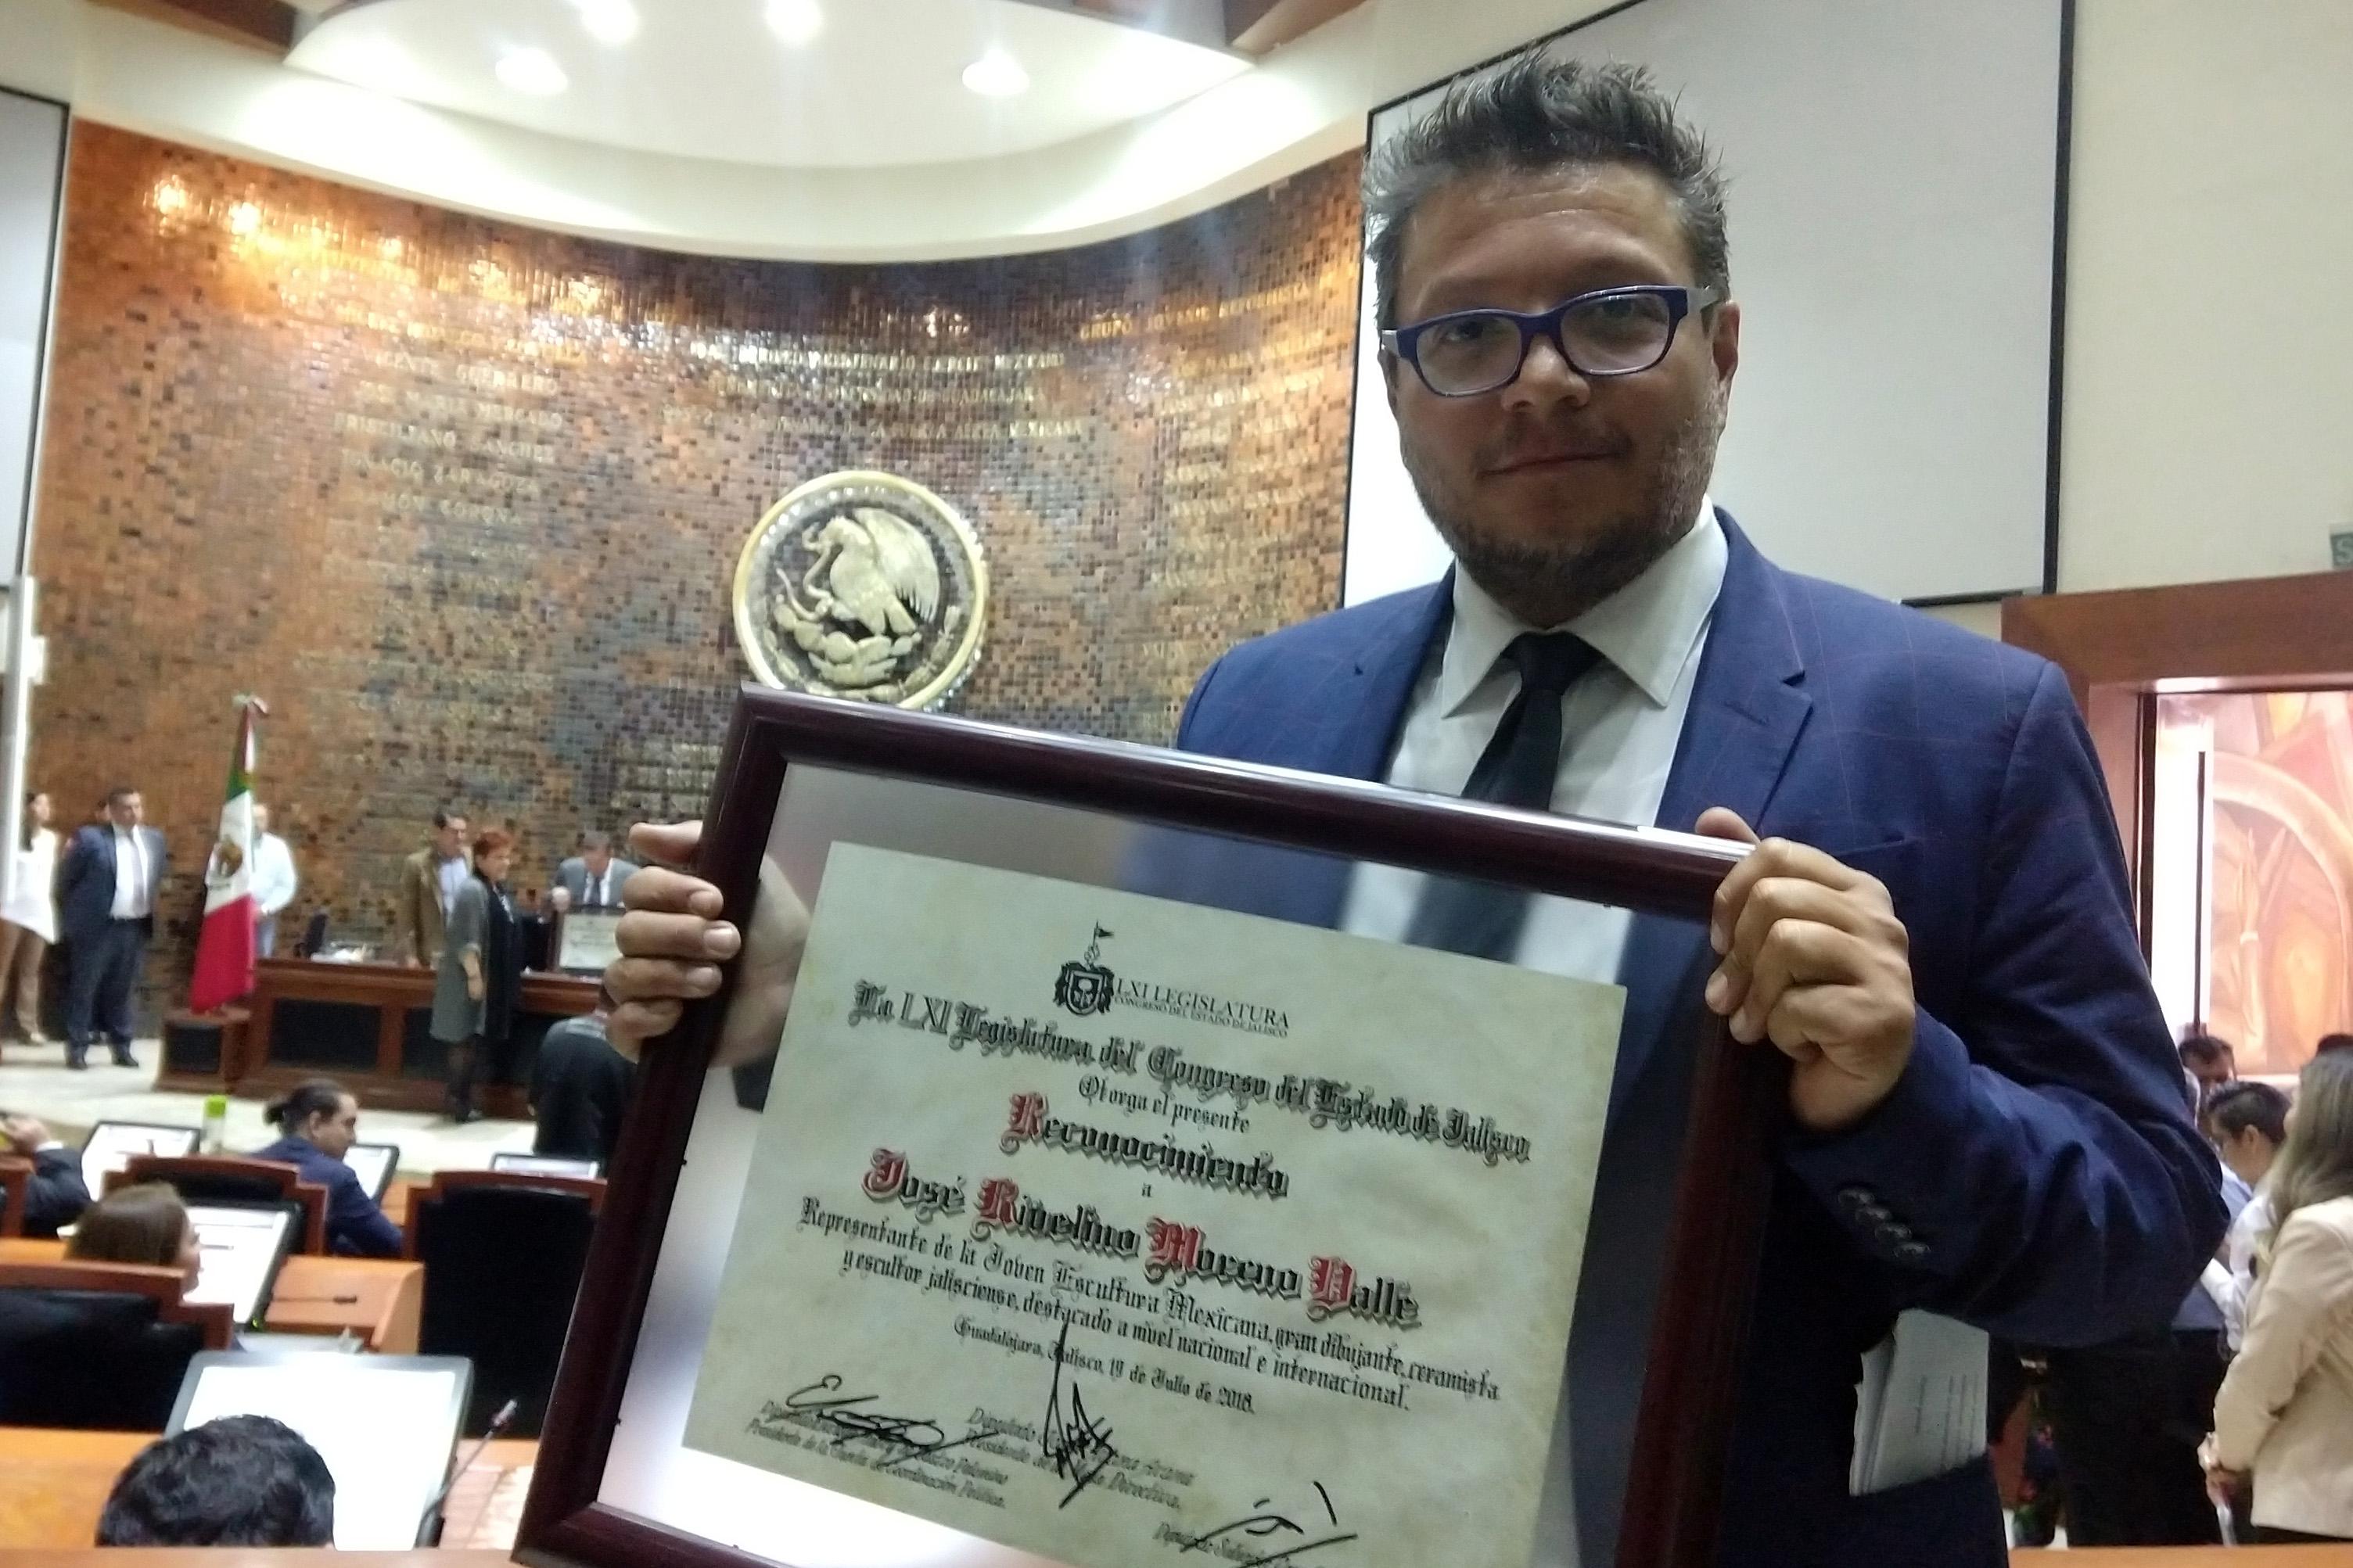 Reconocen a Rivelino Moreno Valle en el Congreso del Estado de Jalisco